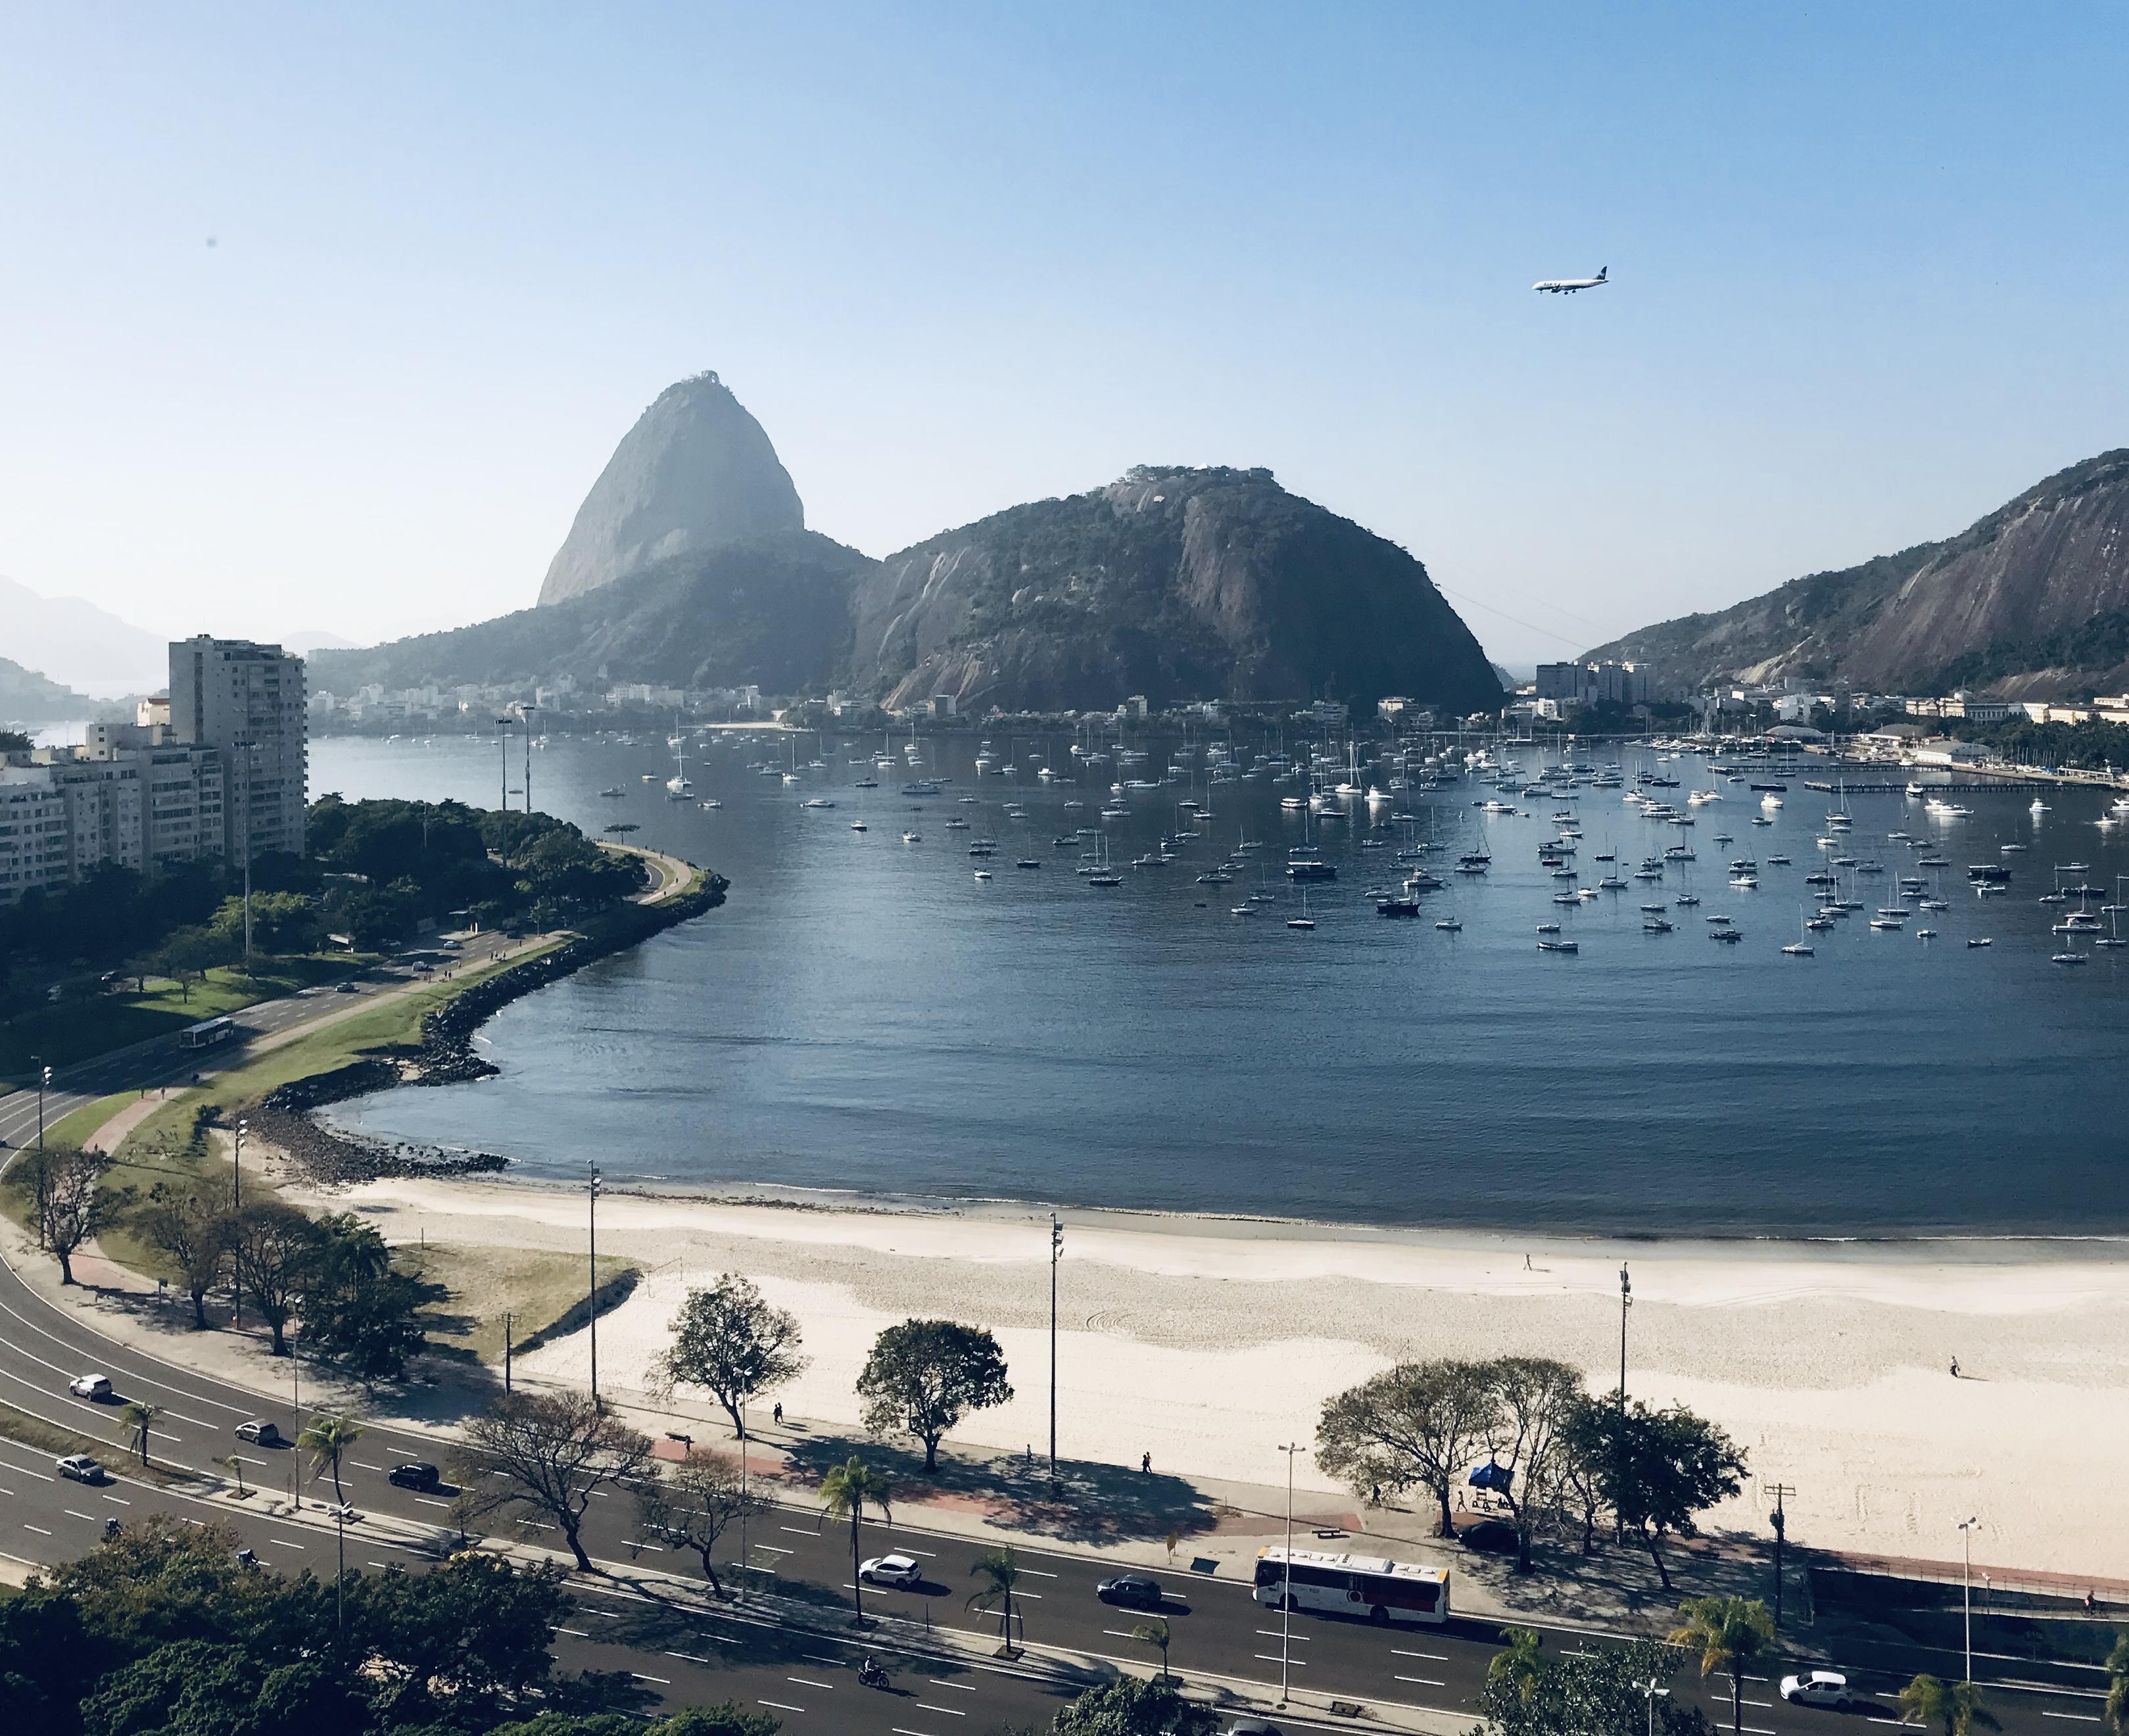 リオデジャネイロ/ブラジル ~Do as Cariocas Do! (リオに入ればリオっ子に従え)~